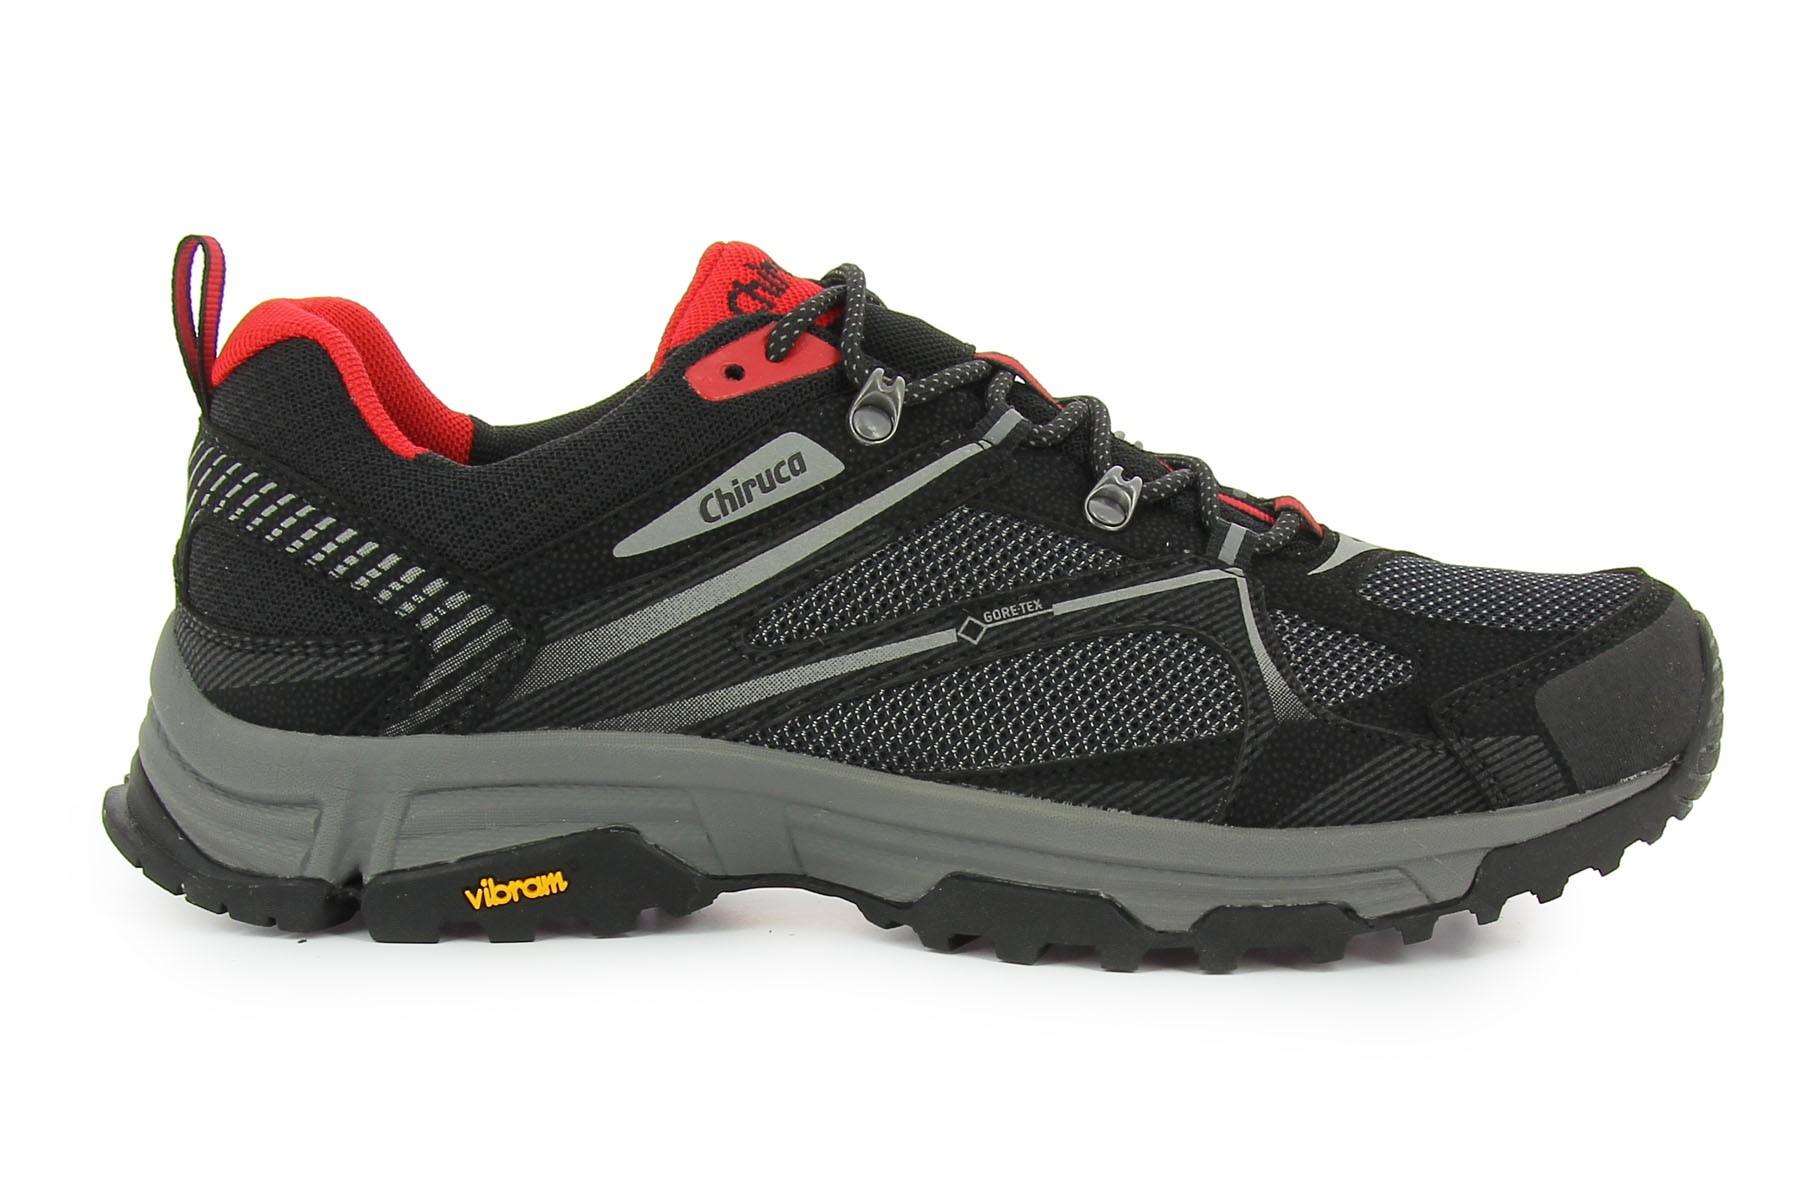 61c93d39e098c Chaussures homme Chiruca Samoa 09 Gore-tex - medinapiel.es